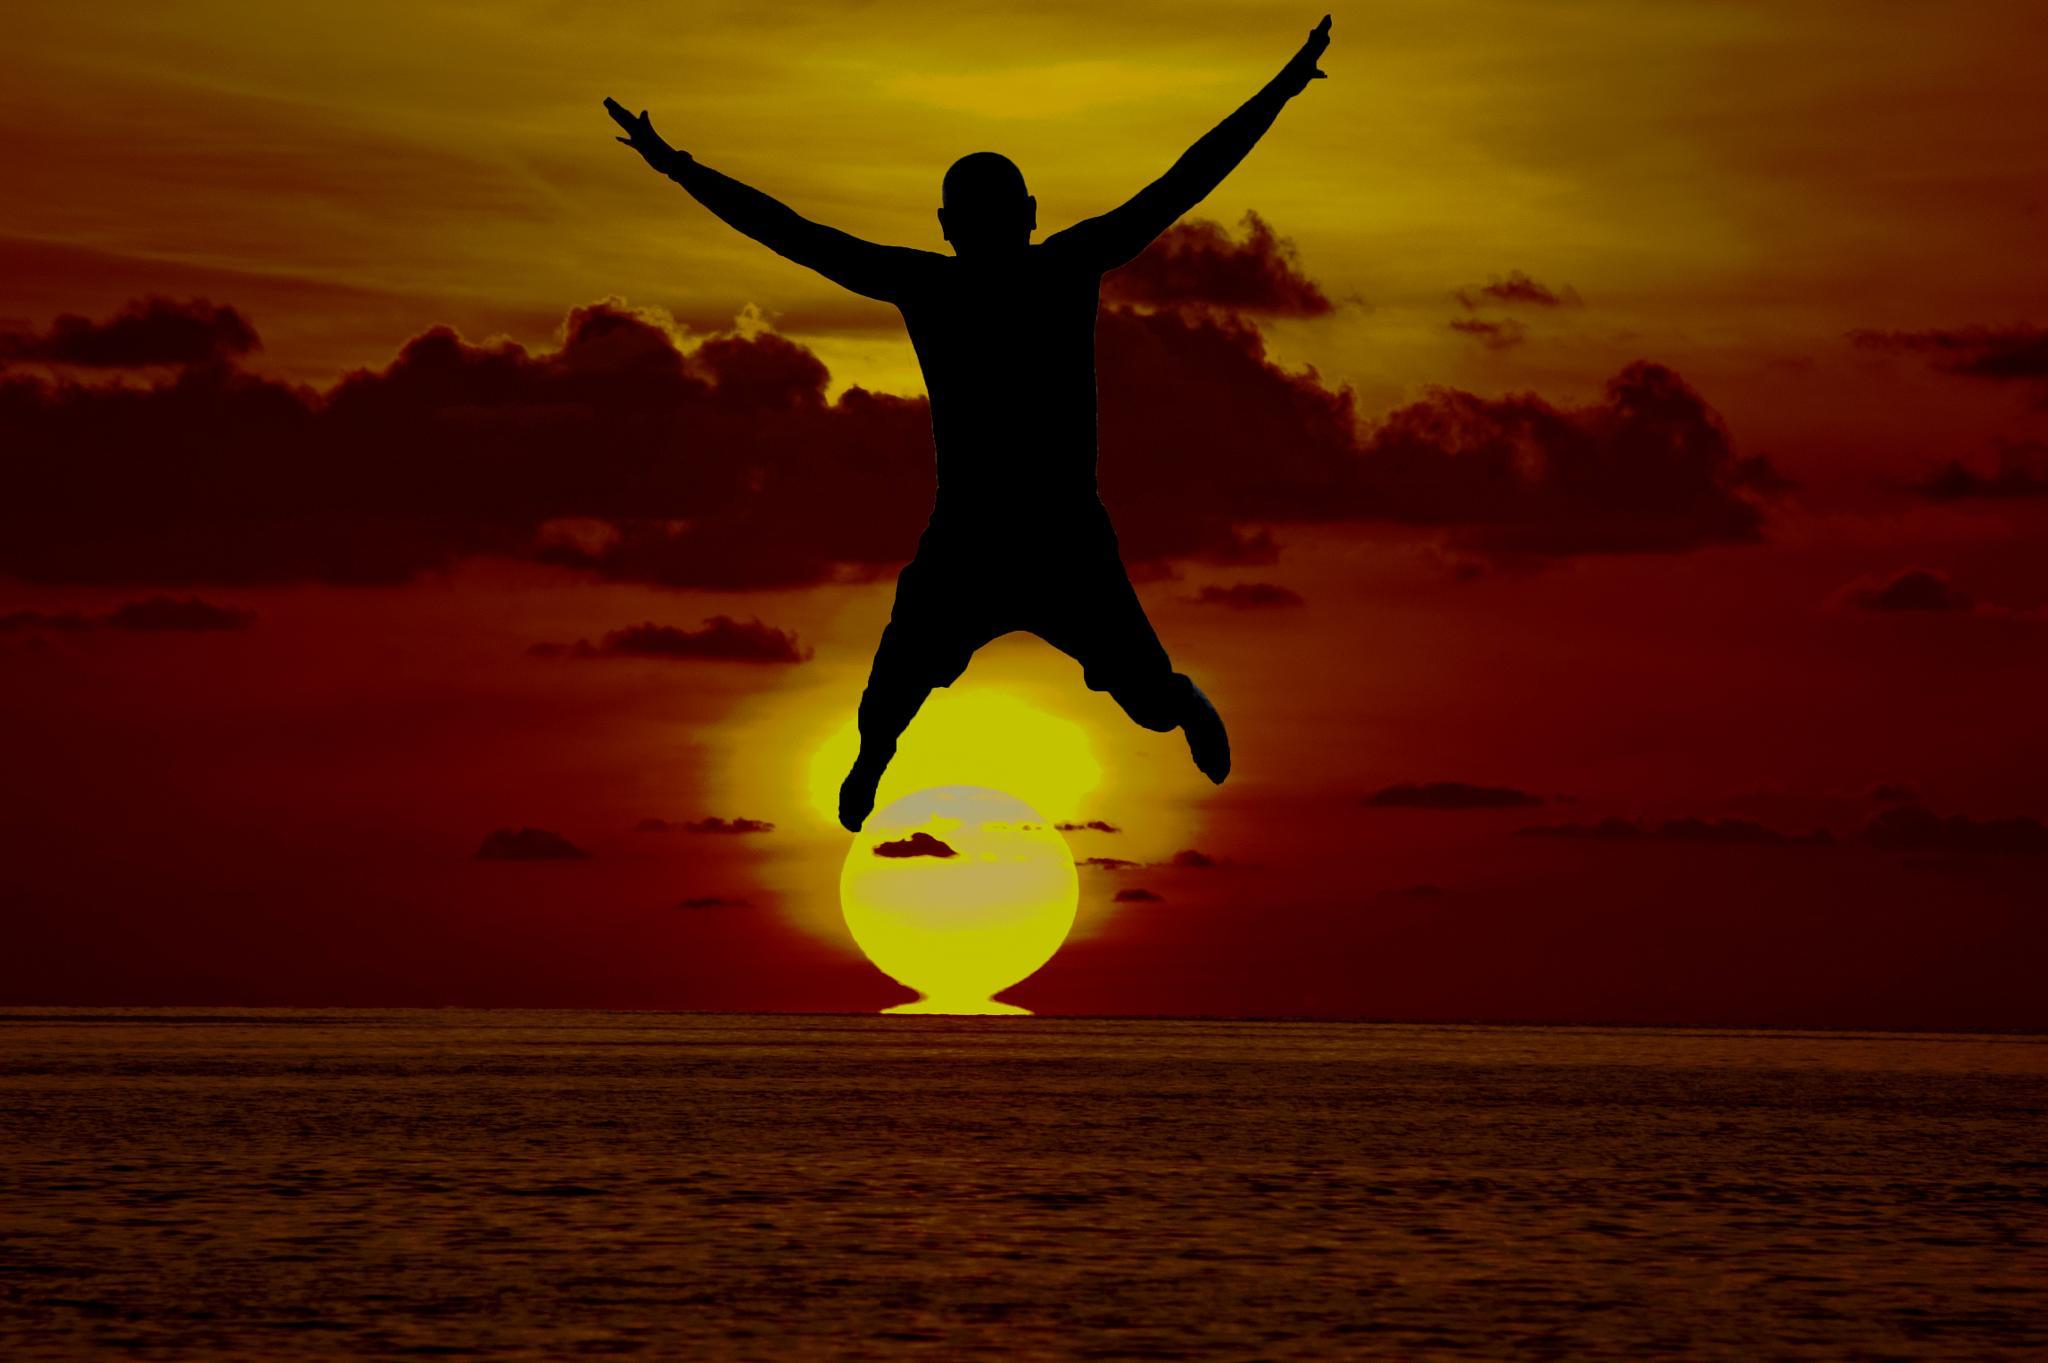 Sunset jump by BobGillatt